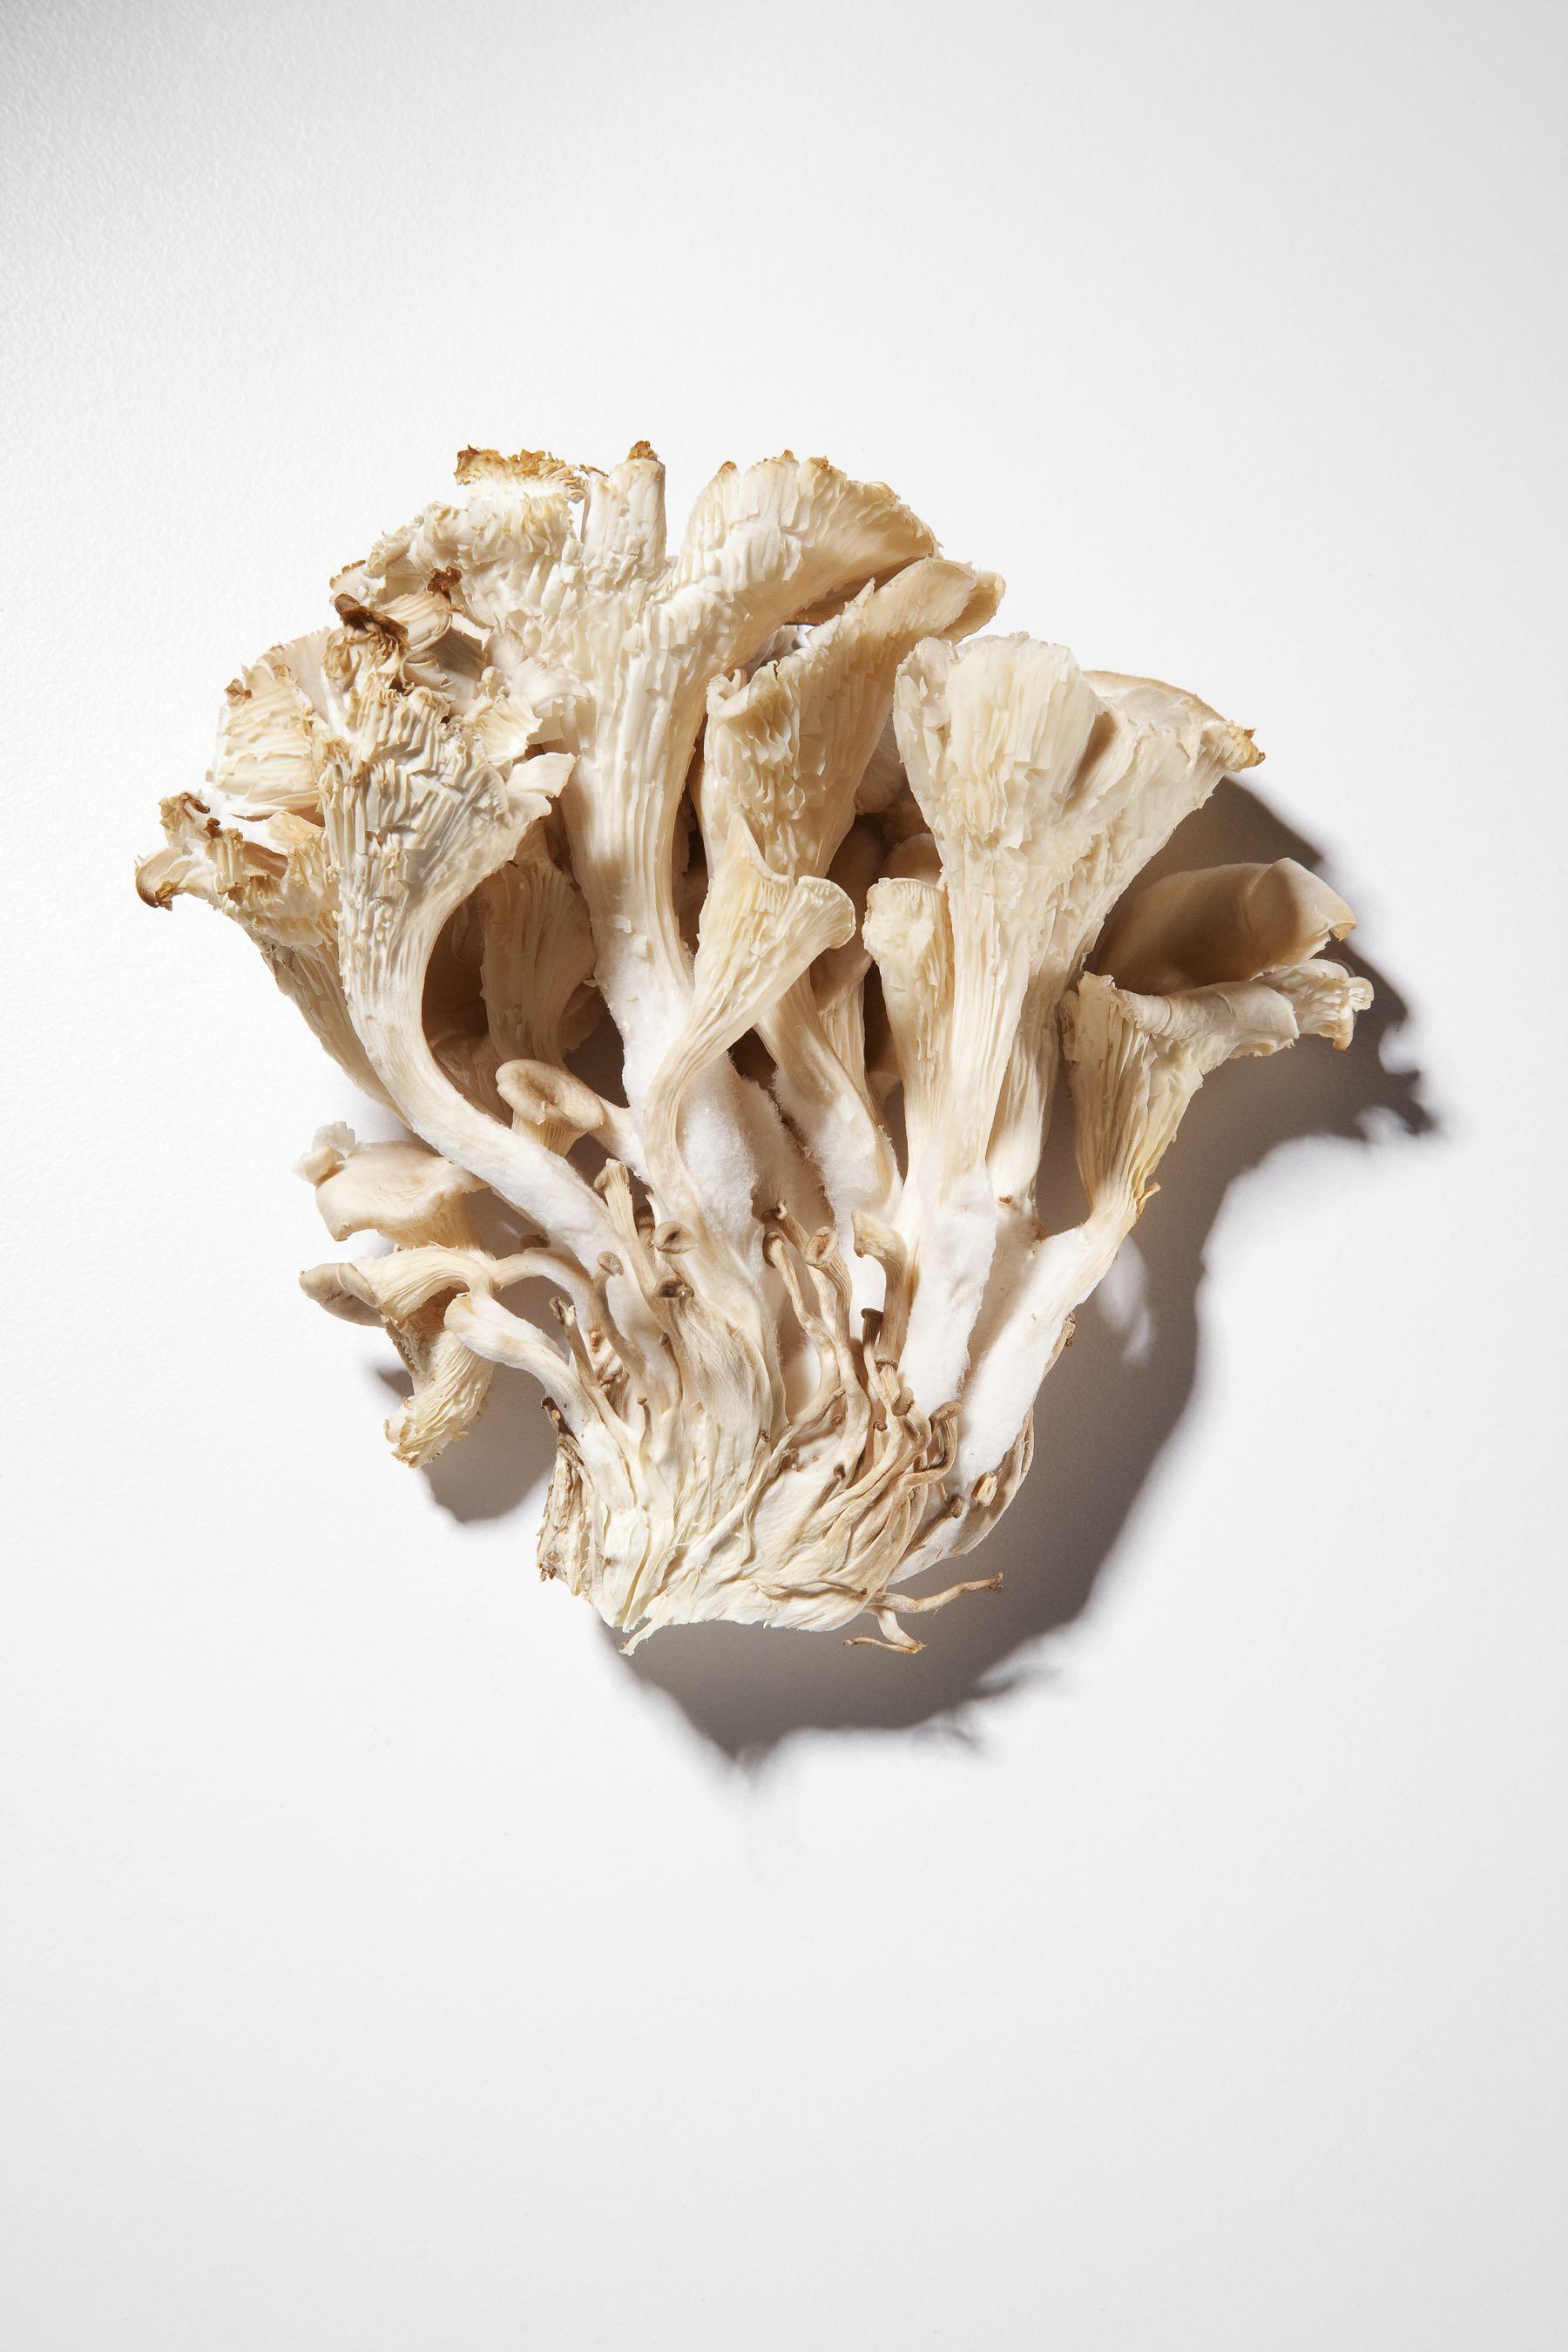 Oyster_Mushroom_Final.jpg